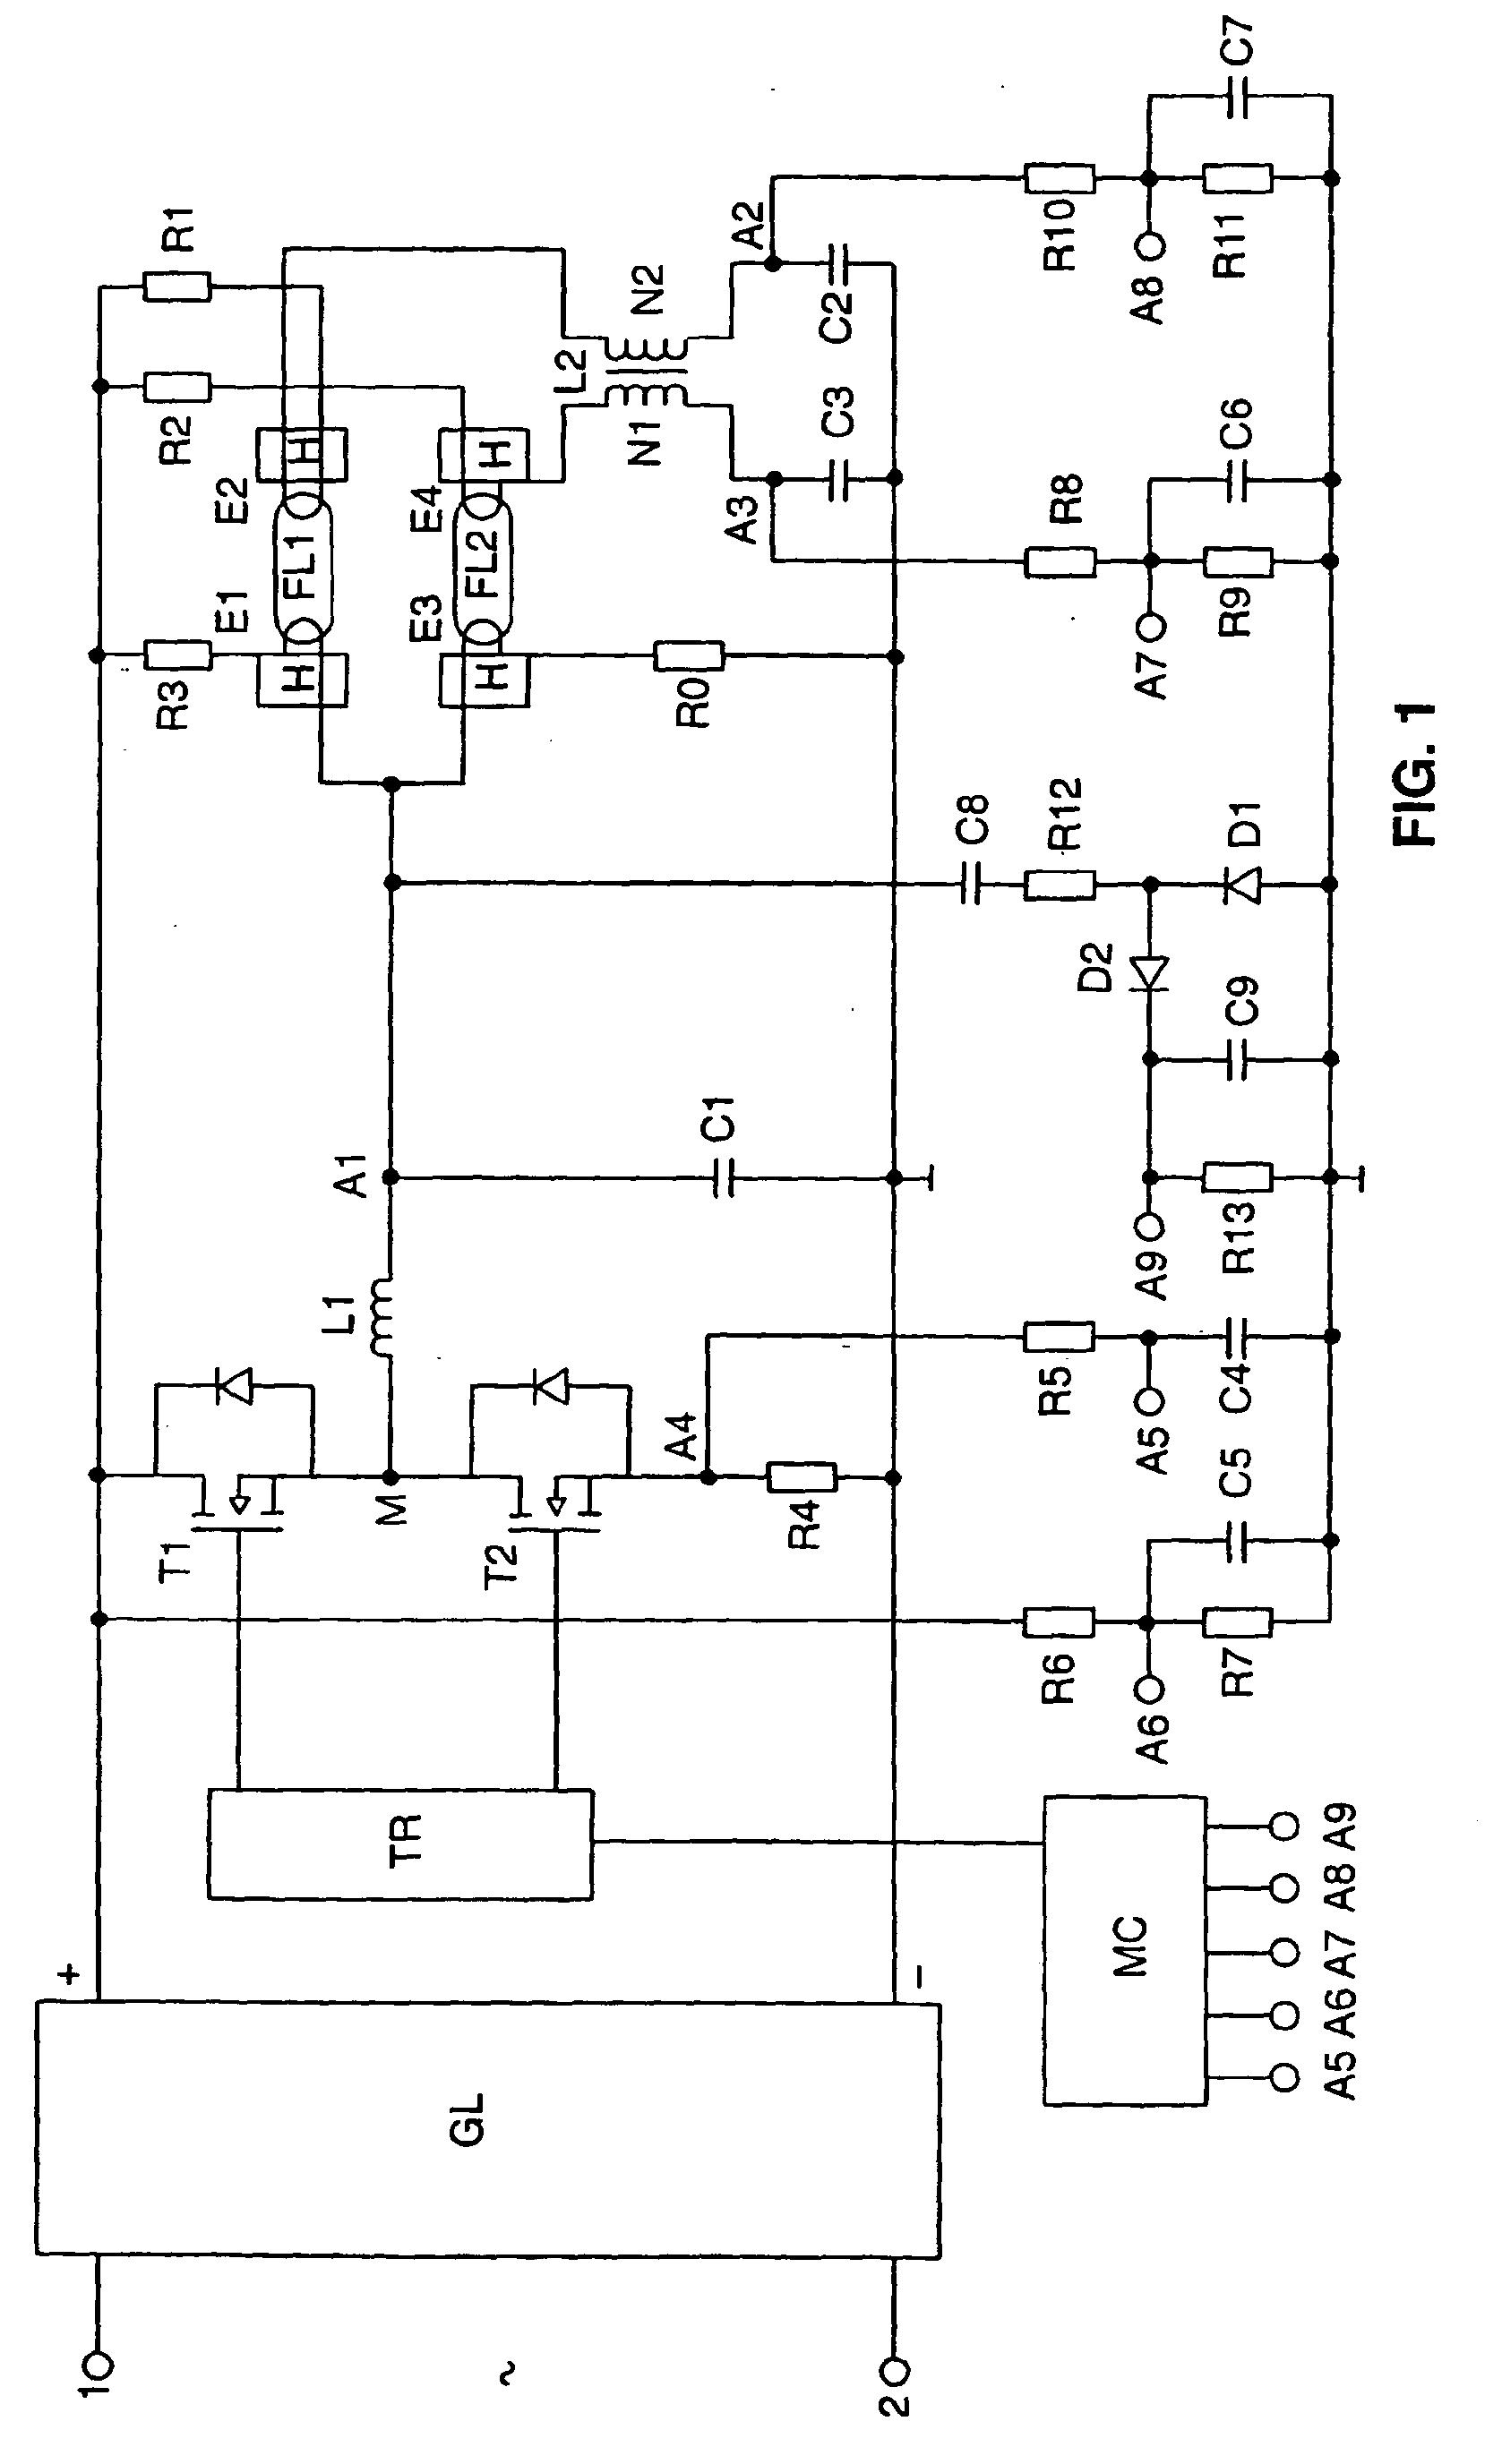 imgf0001 Spannende Elektronisches Vorschaltgerät Leuchtstofflampe Schaltplan Dekorationen